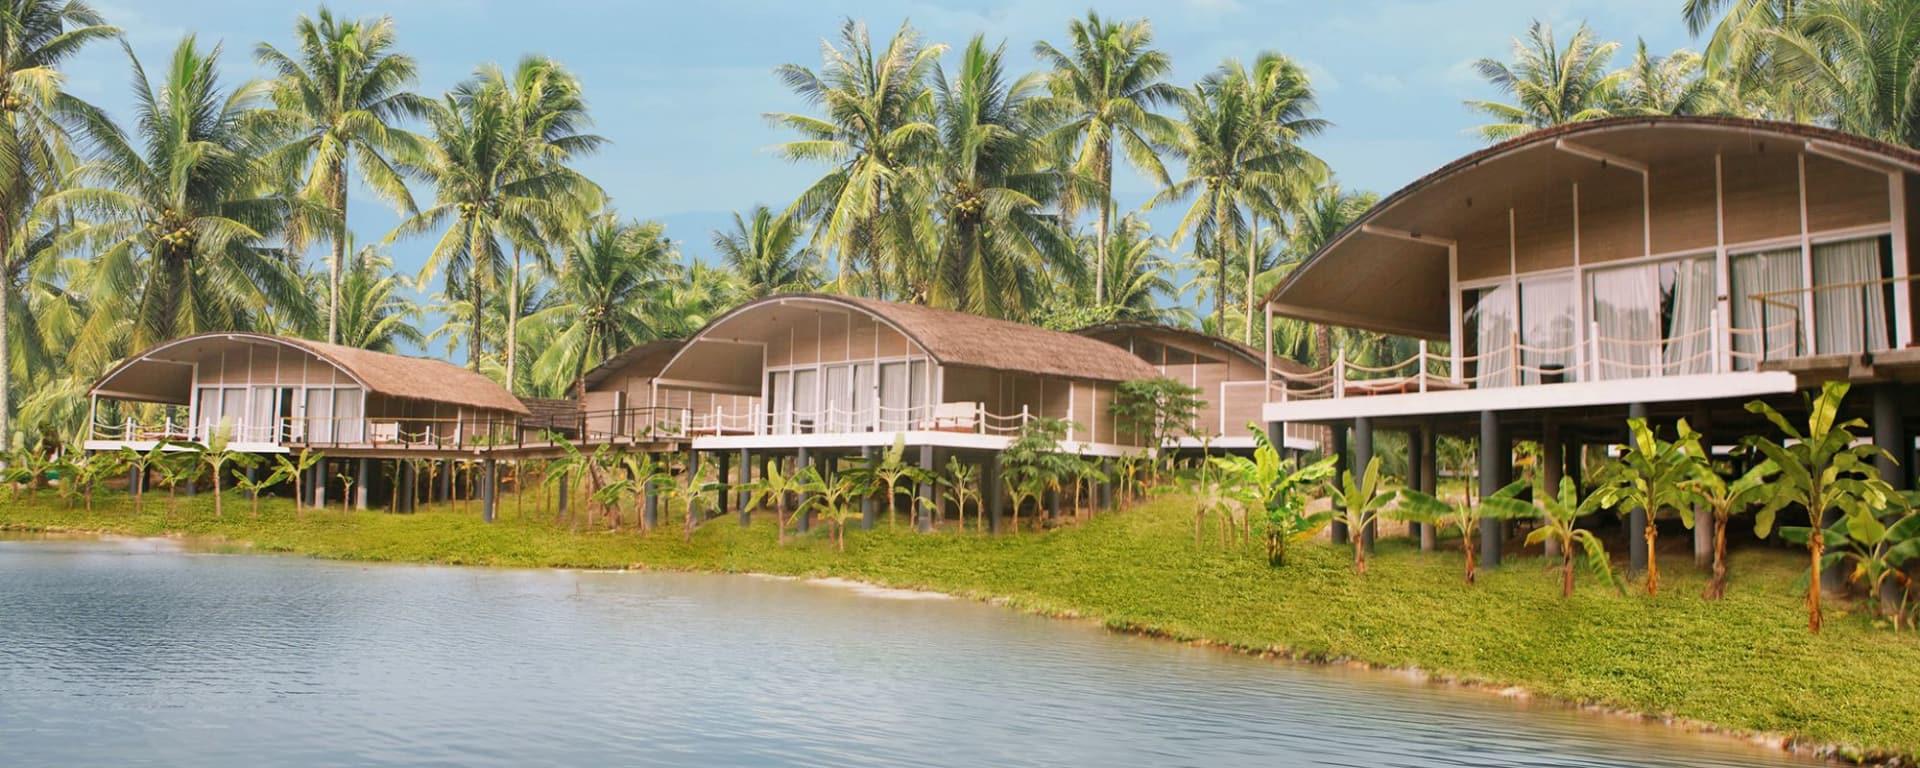 Taj Exotica Resort & Spa in Andamanen: Taj-Exotica Resort   from outside